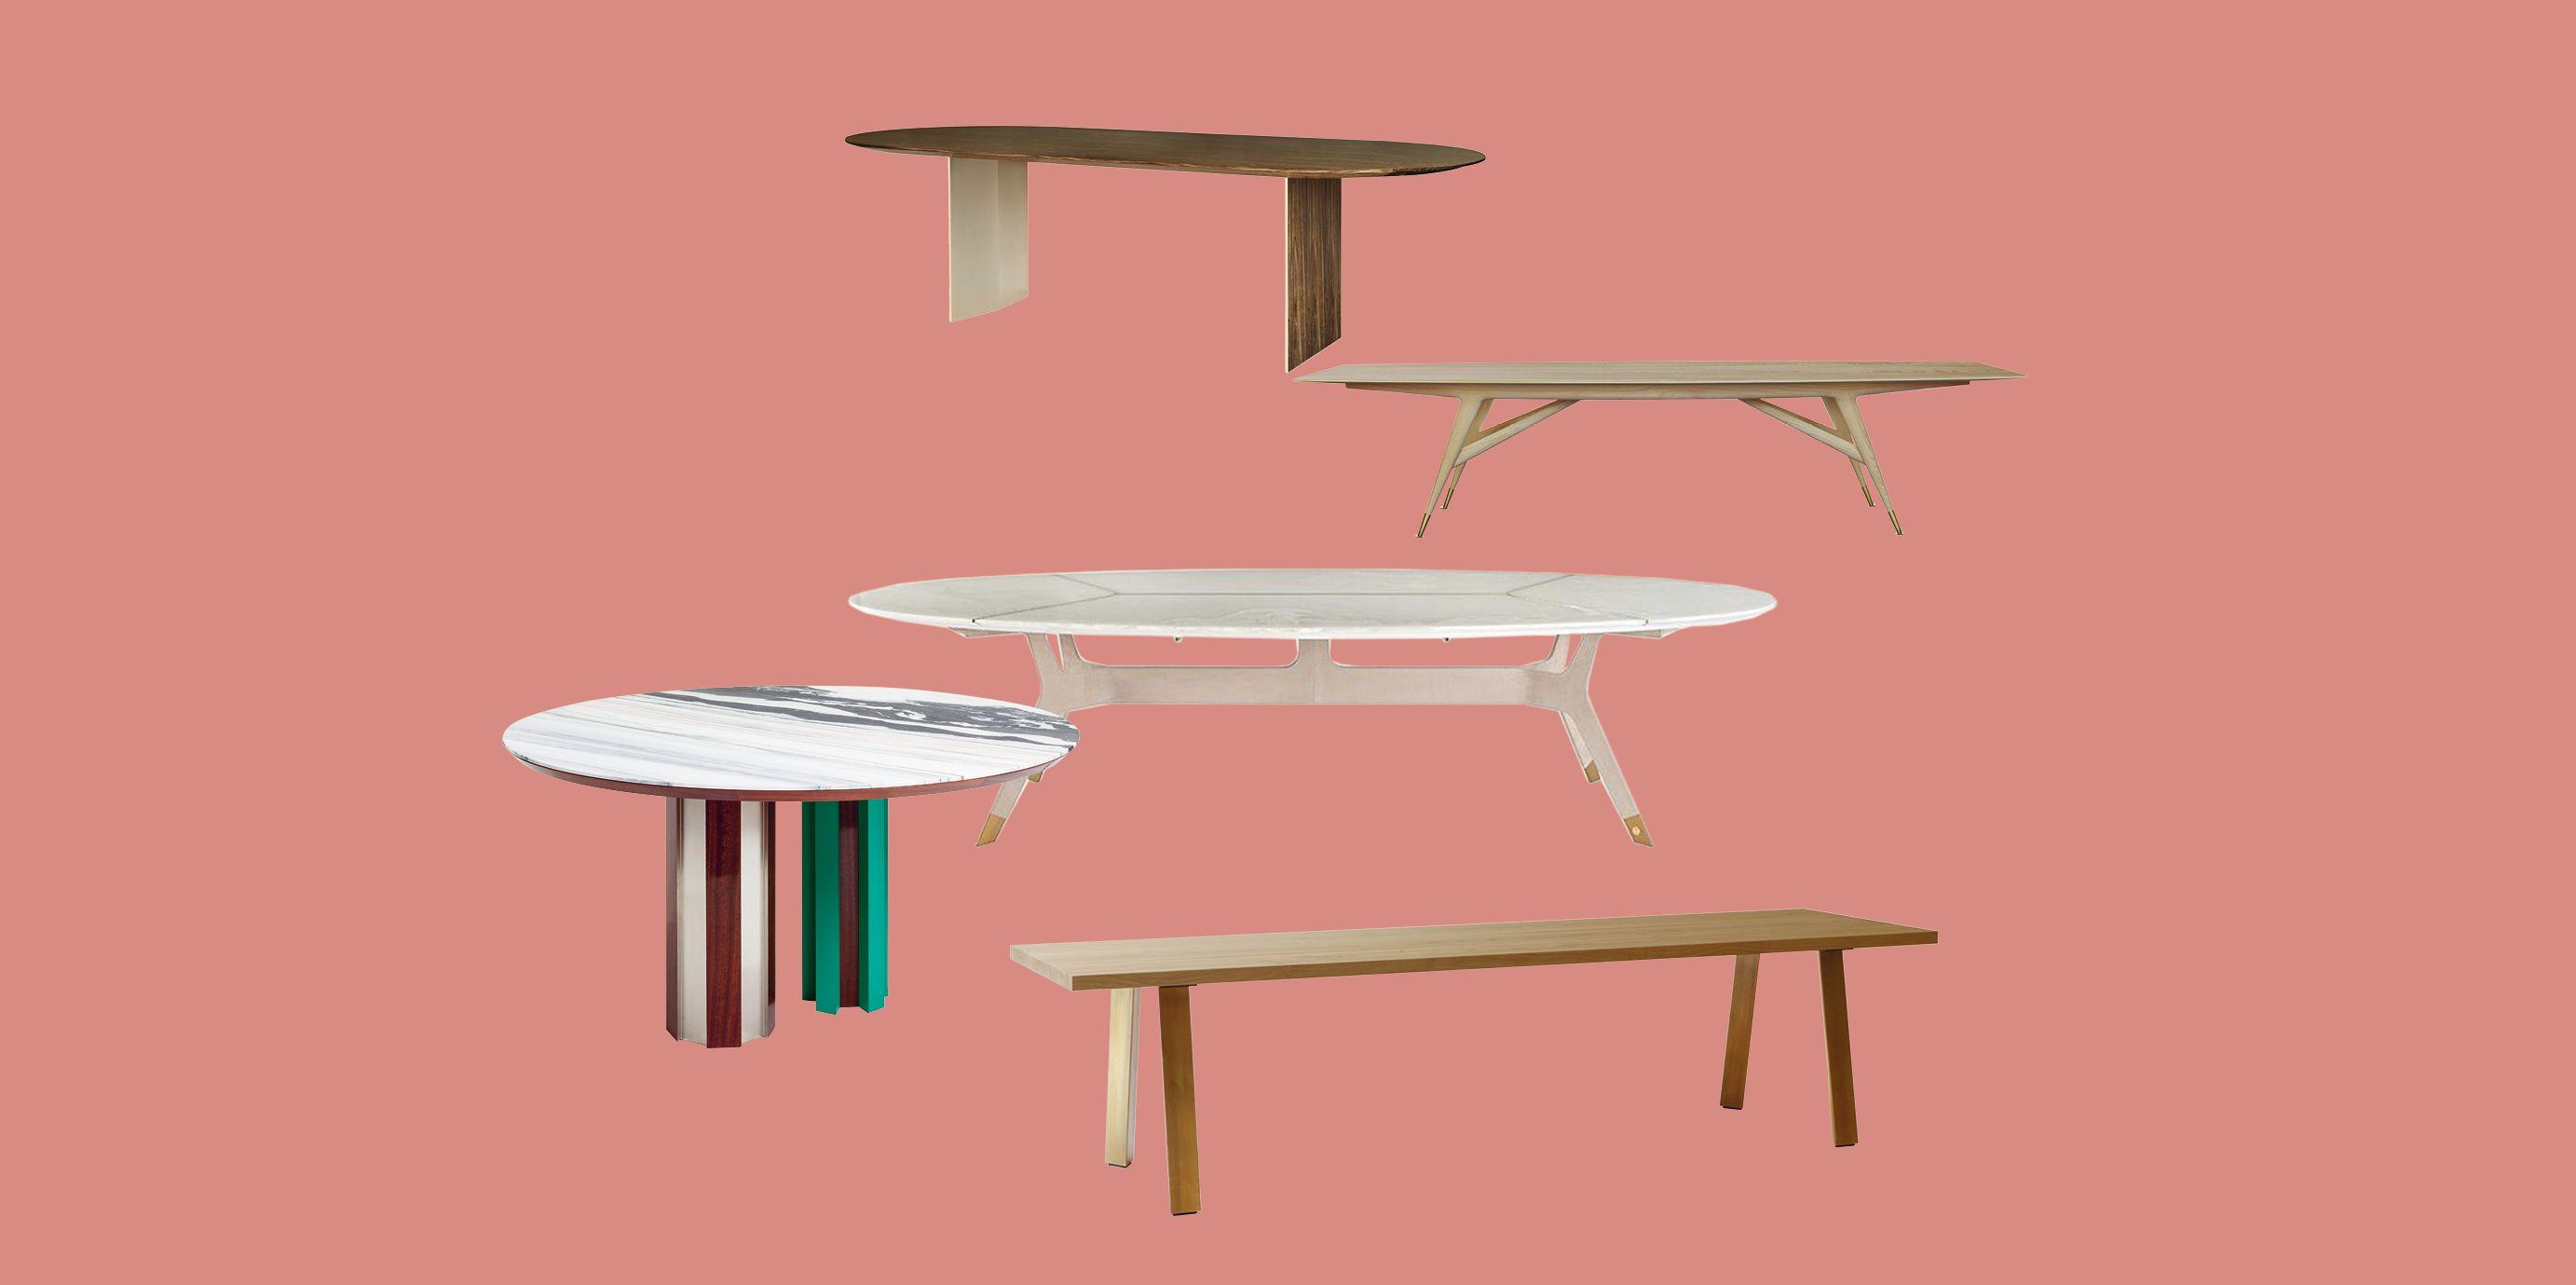 Tavolo Da Pranzo 3 Metri tavoli moderni da pranzo e da lavoro: 17 modelli dal design